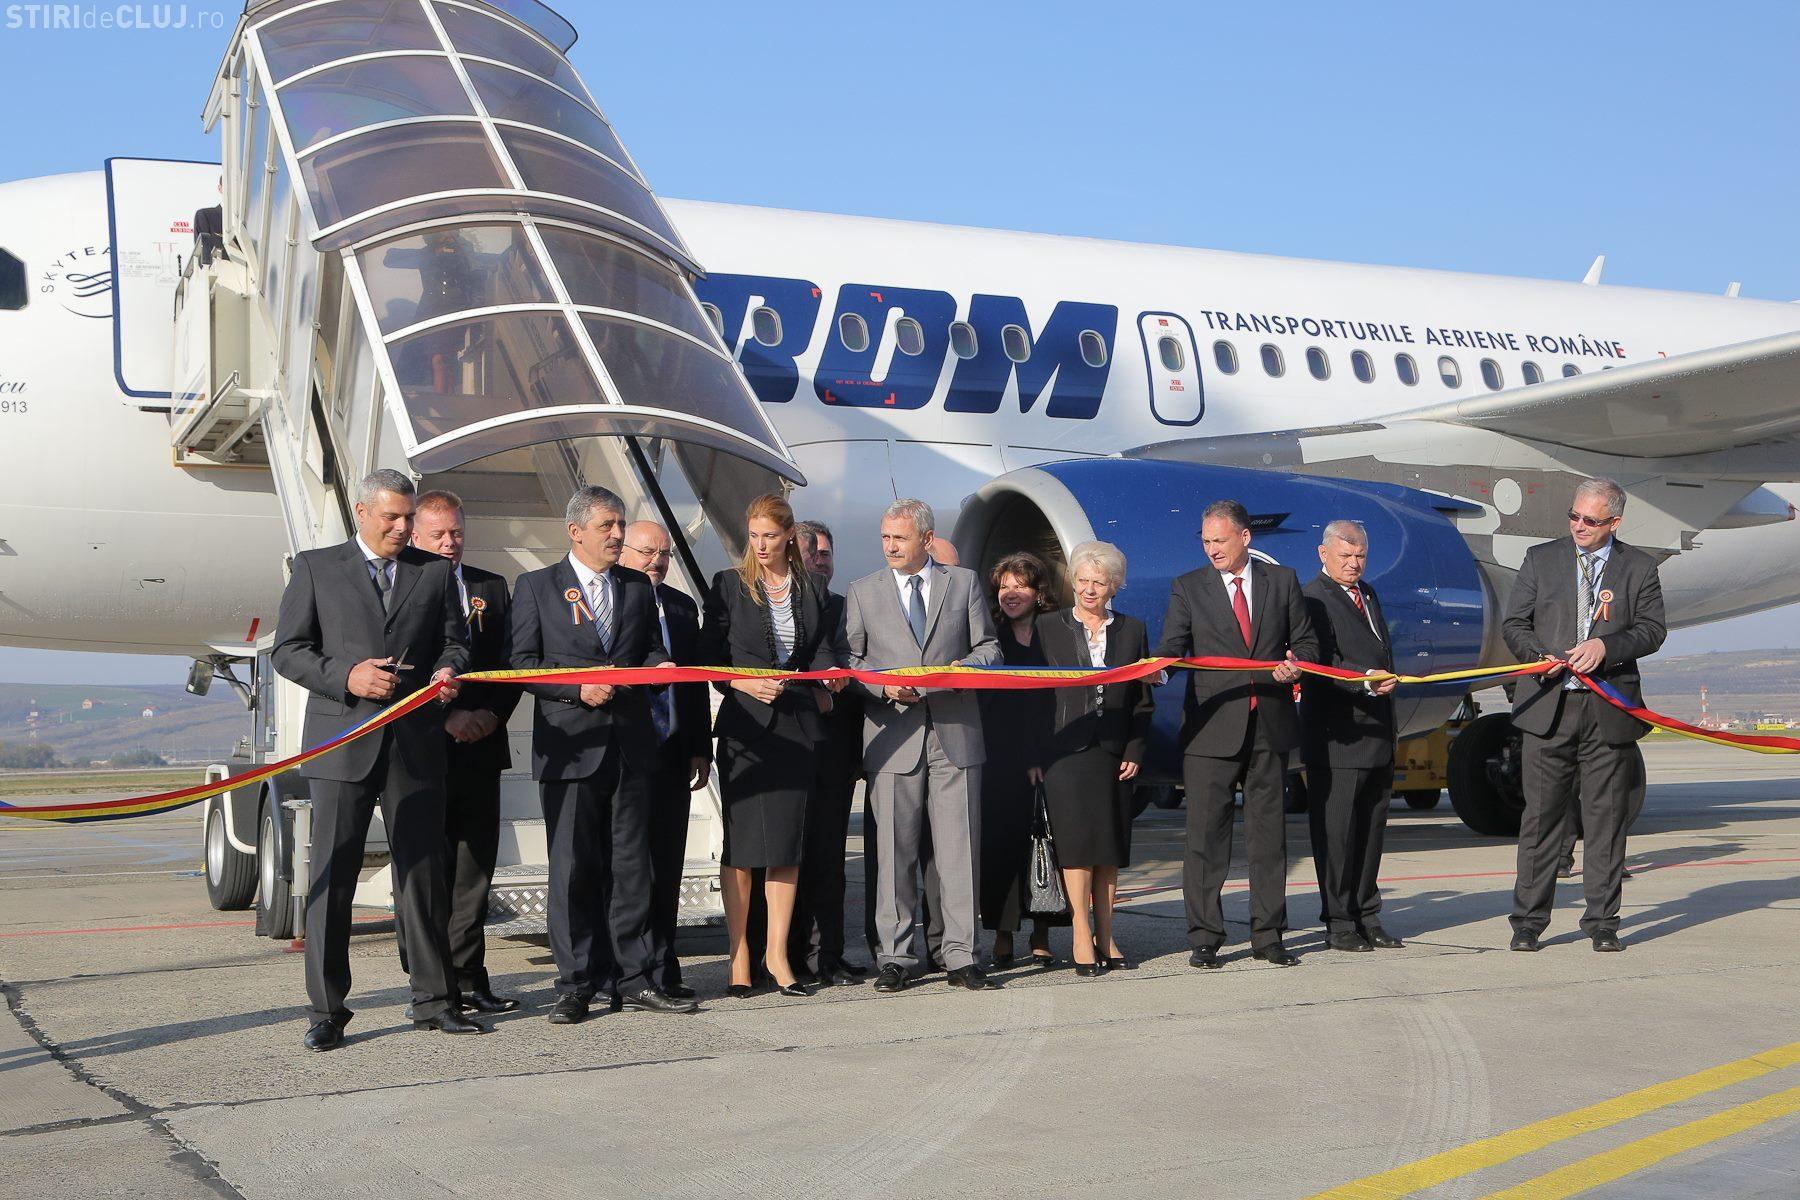 Aeroportul Cluj ȚINTEȘTE spre cifra de 1,5 milioane pasageri pe an. Ce rol ar avea AUTOSTRADA TRANSILVANIA?